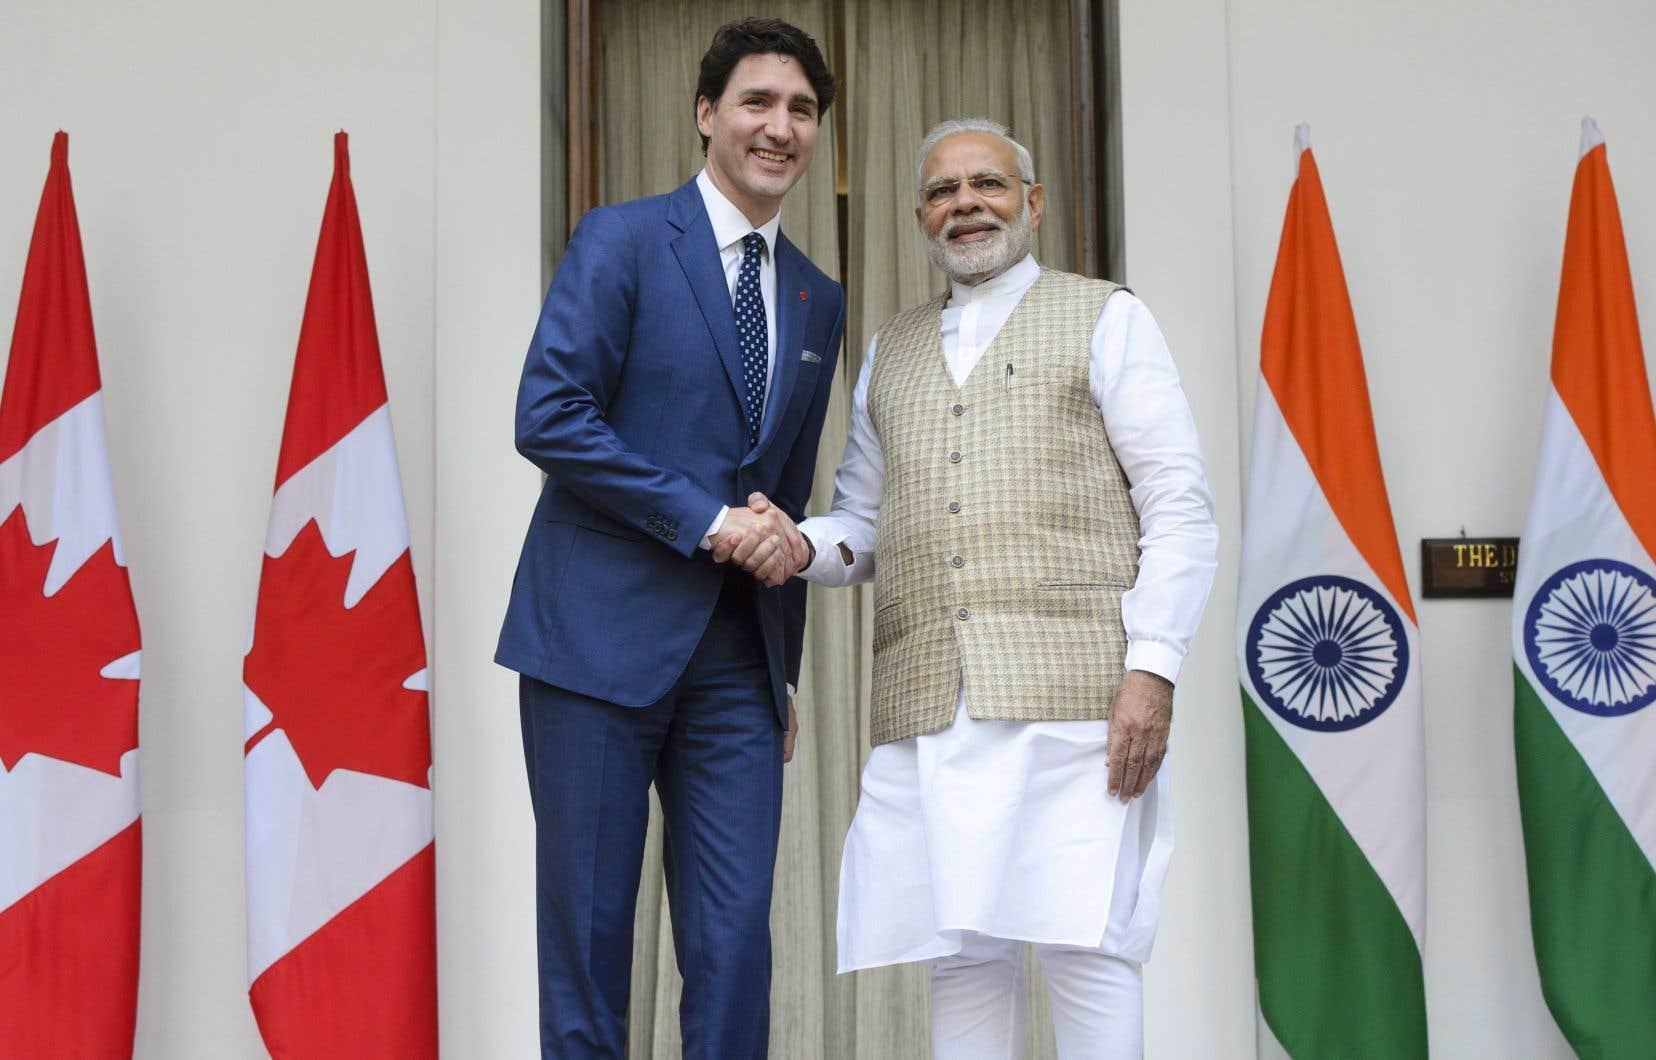 Les premiers ministres Trudeau et Modi sont d'accord — Lutte à l'extrémisme